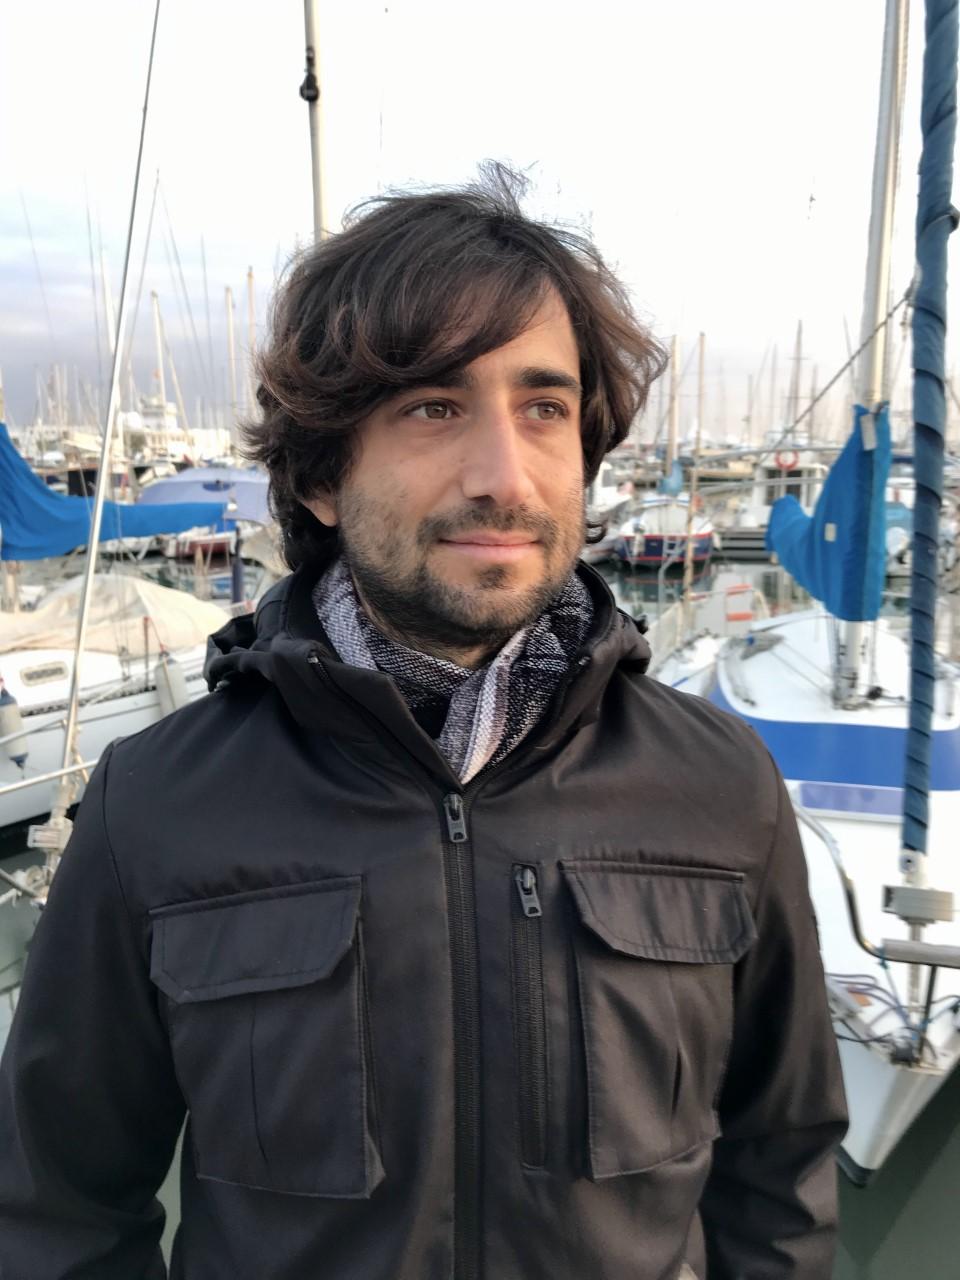 Xisco Sobrado, Marine Area specialist at GEN-GOB